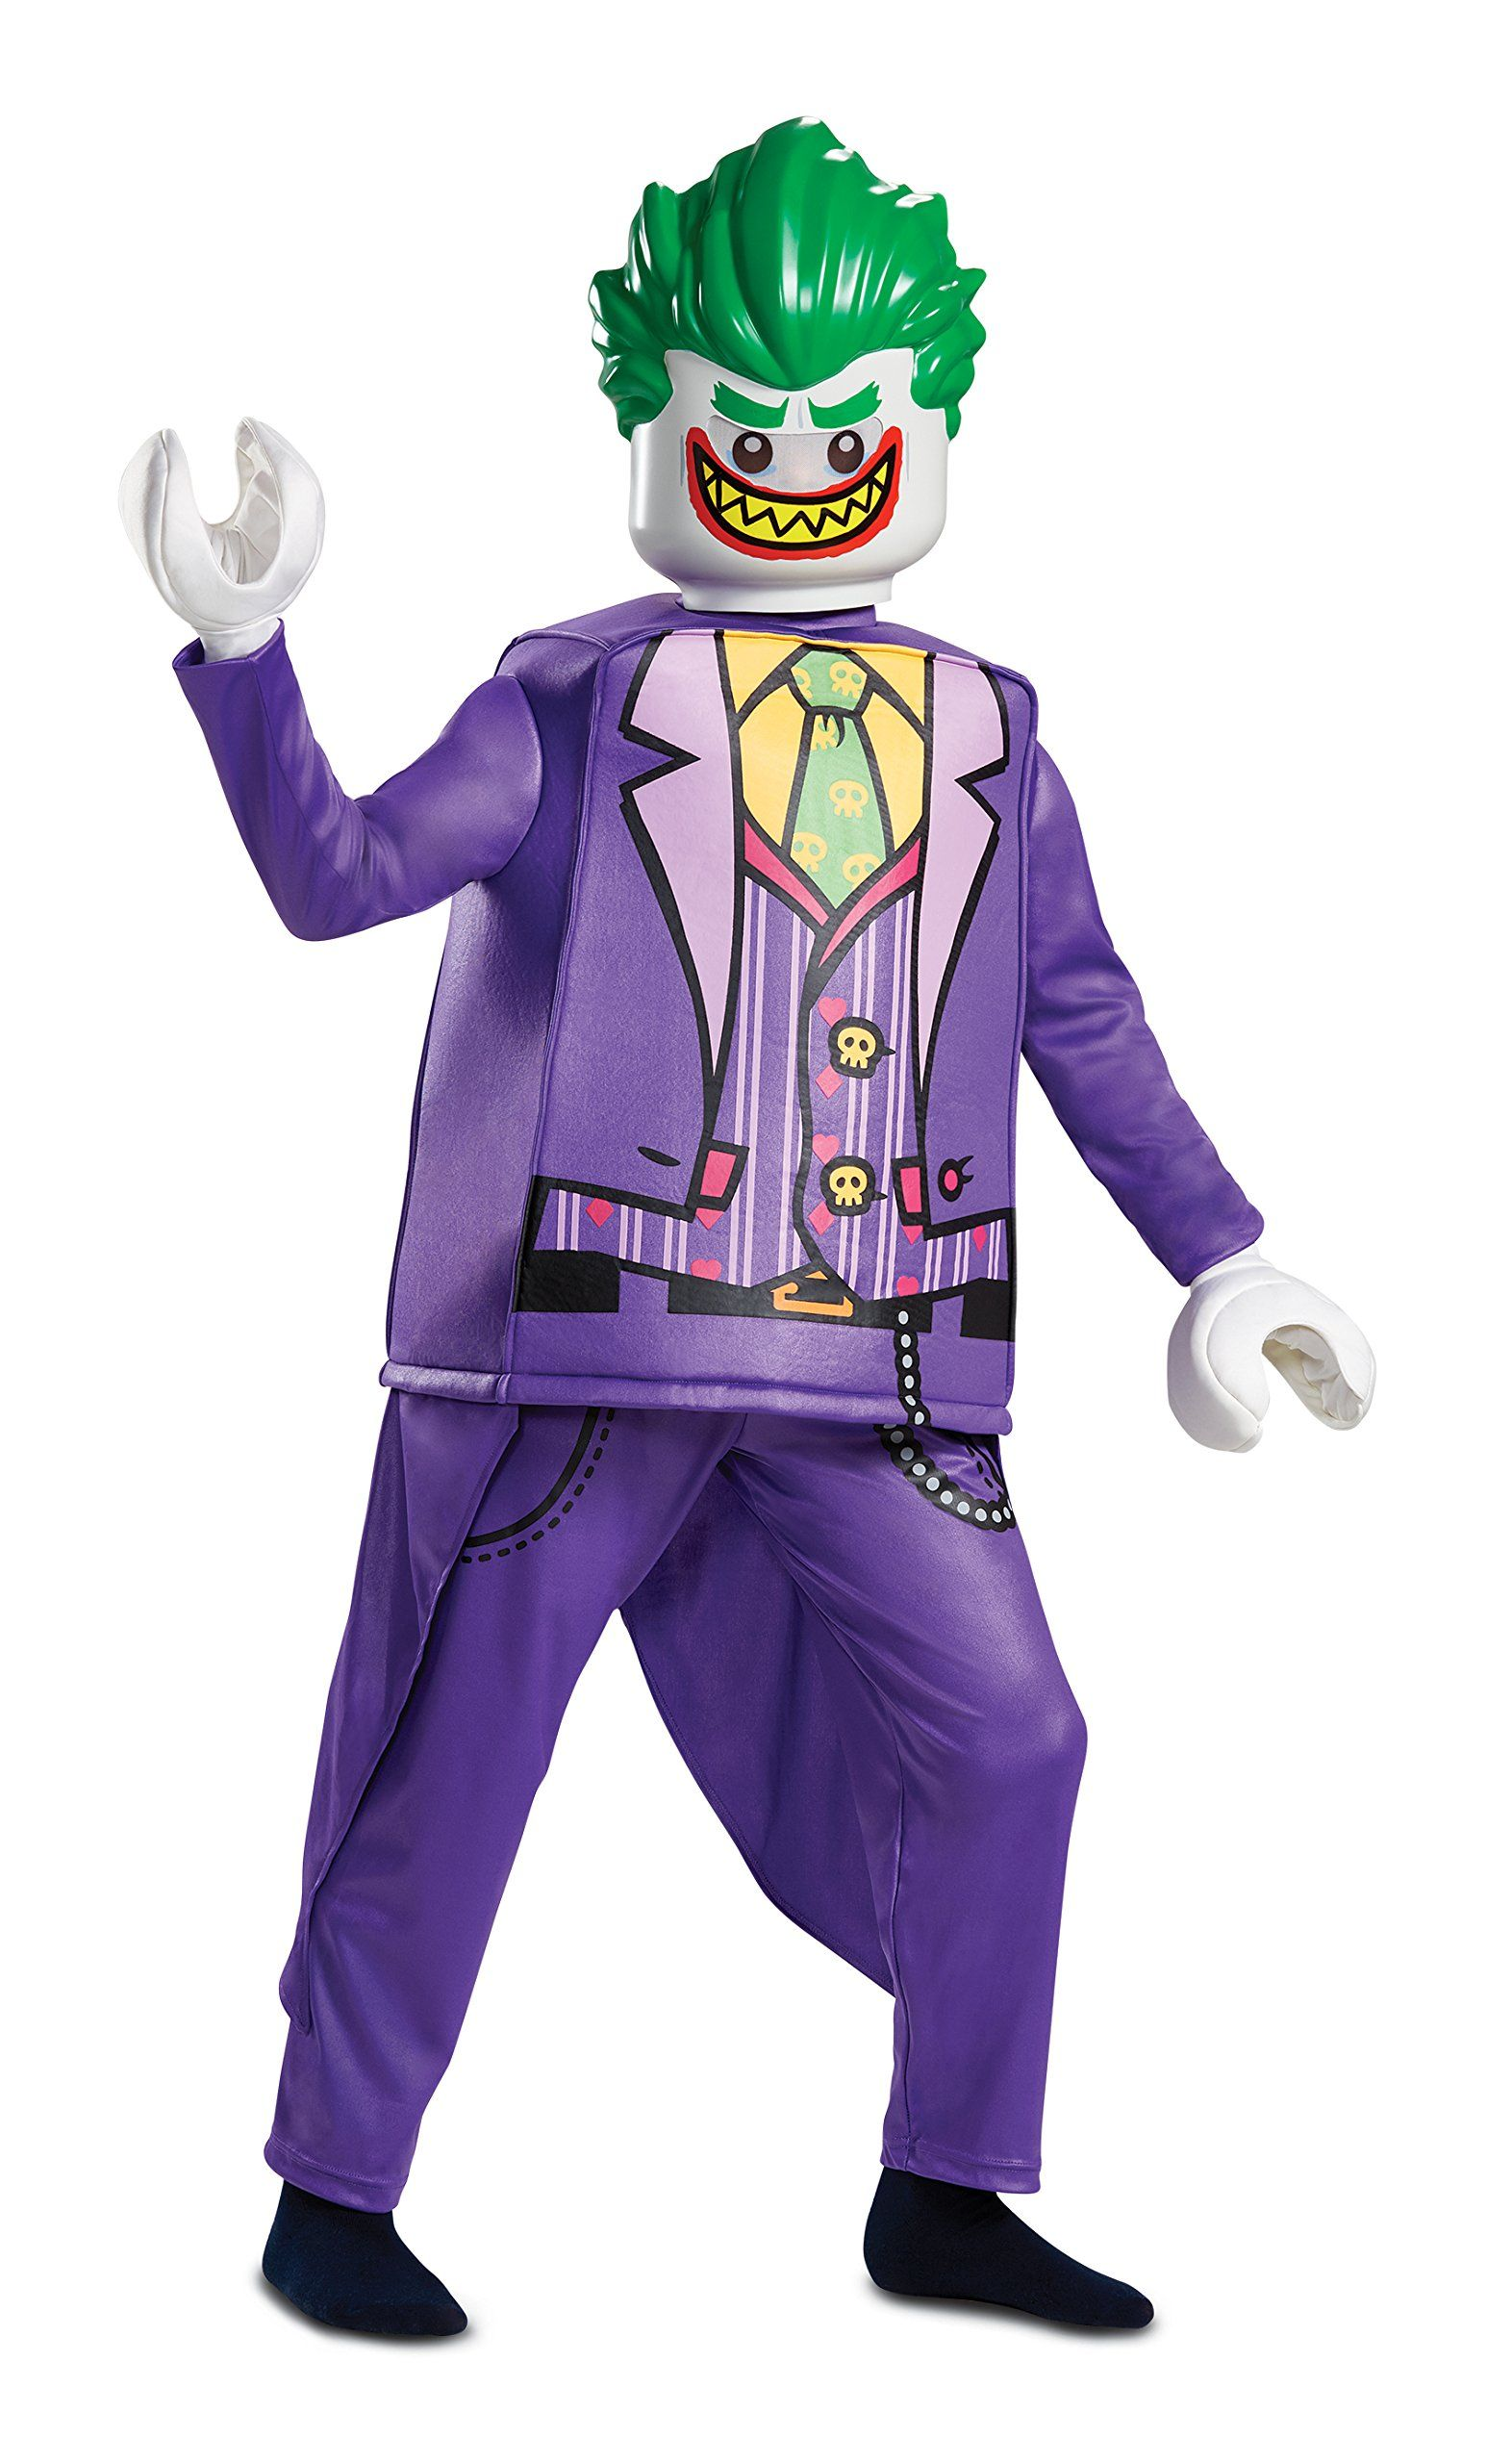 Joker Deluxe Child Costume Batman Villain Movie Halloween